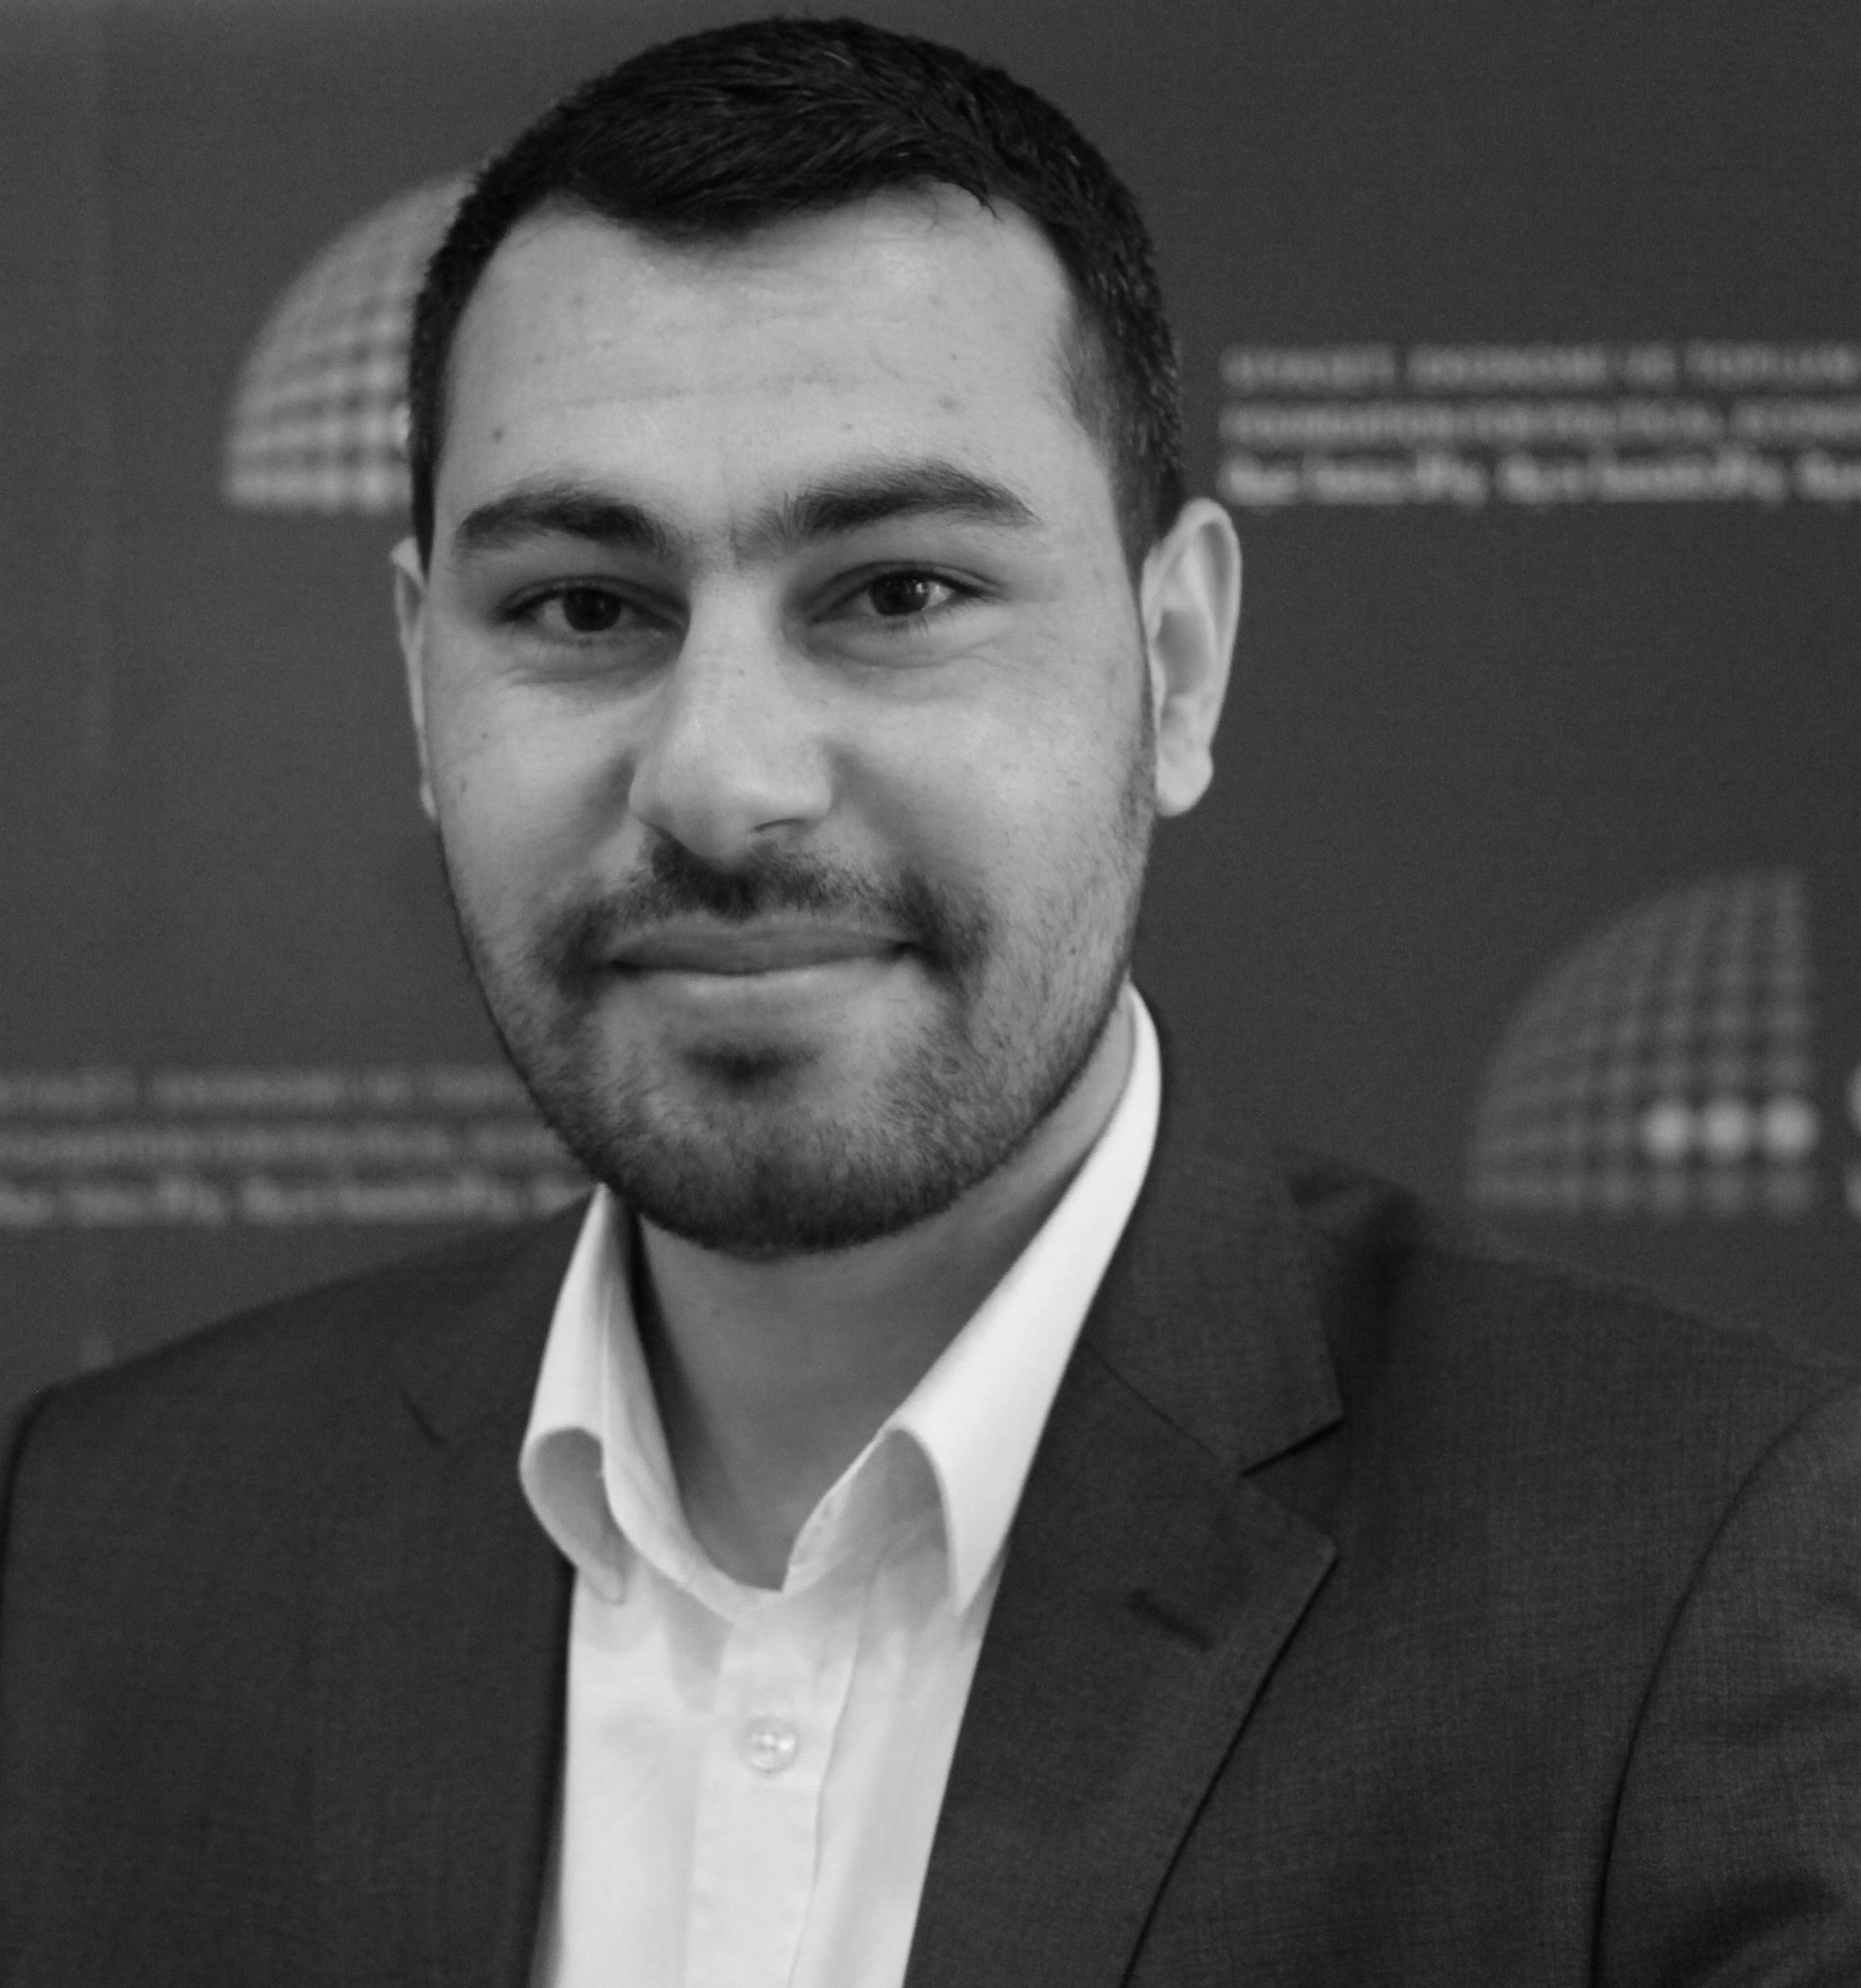 Mahmoud Al-Rantisi